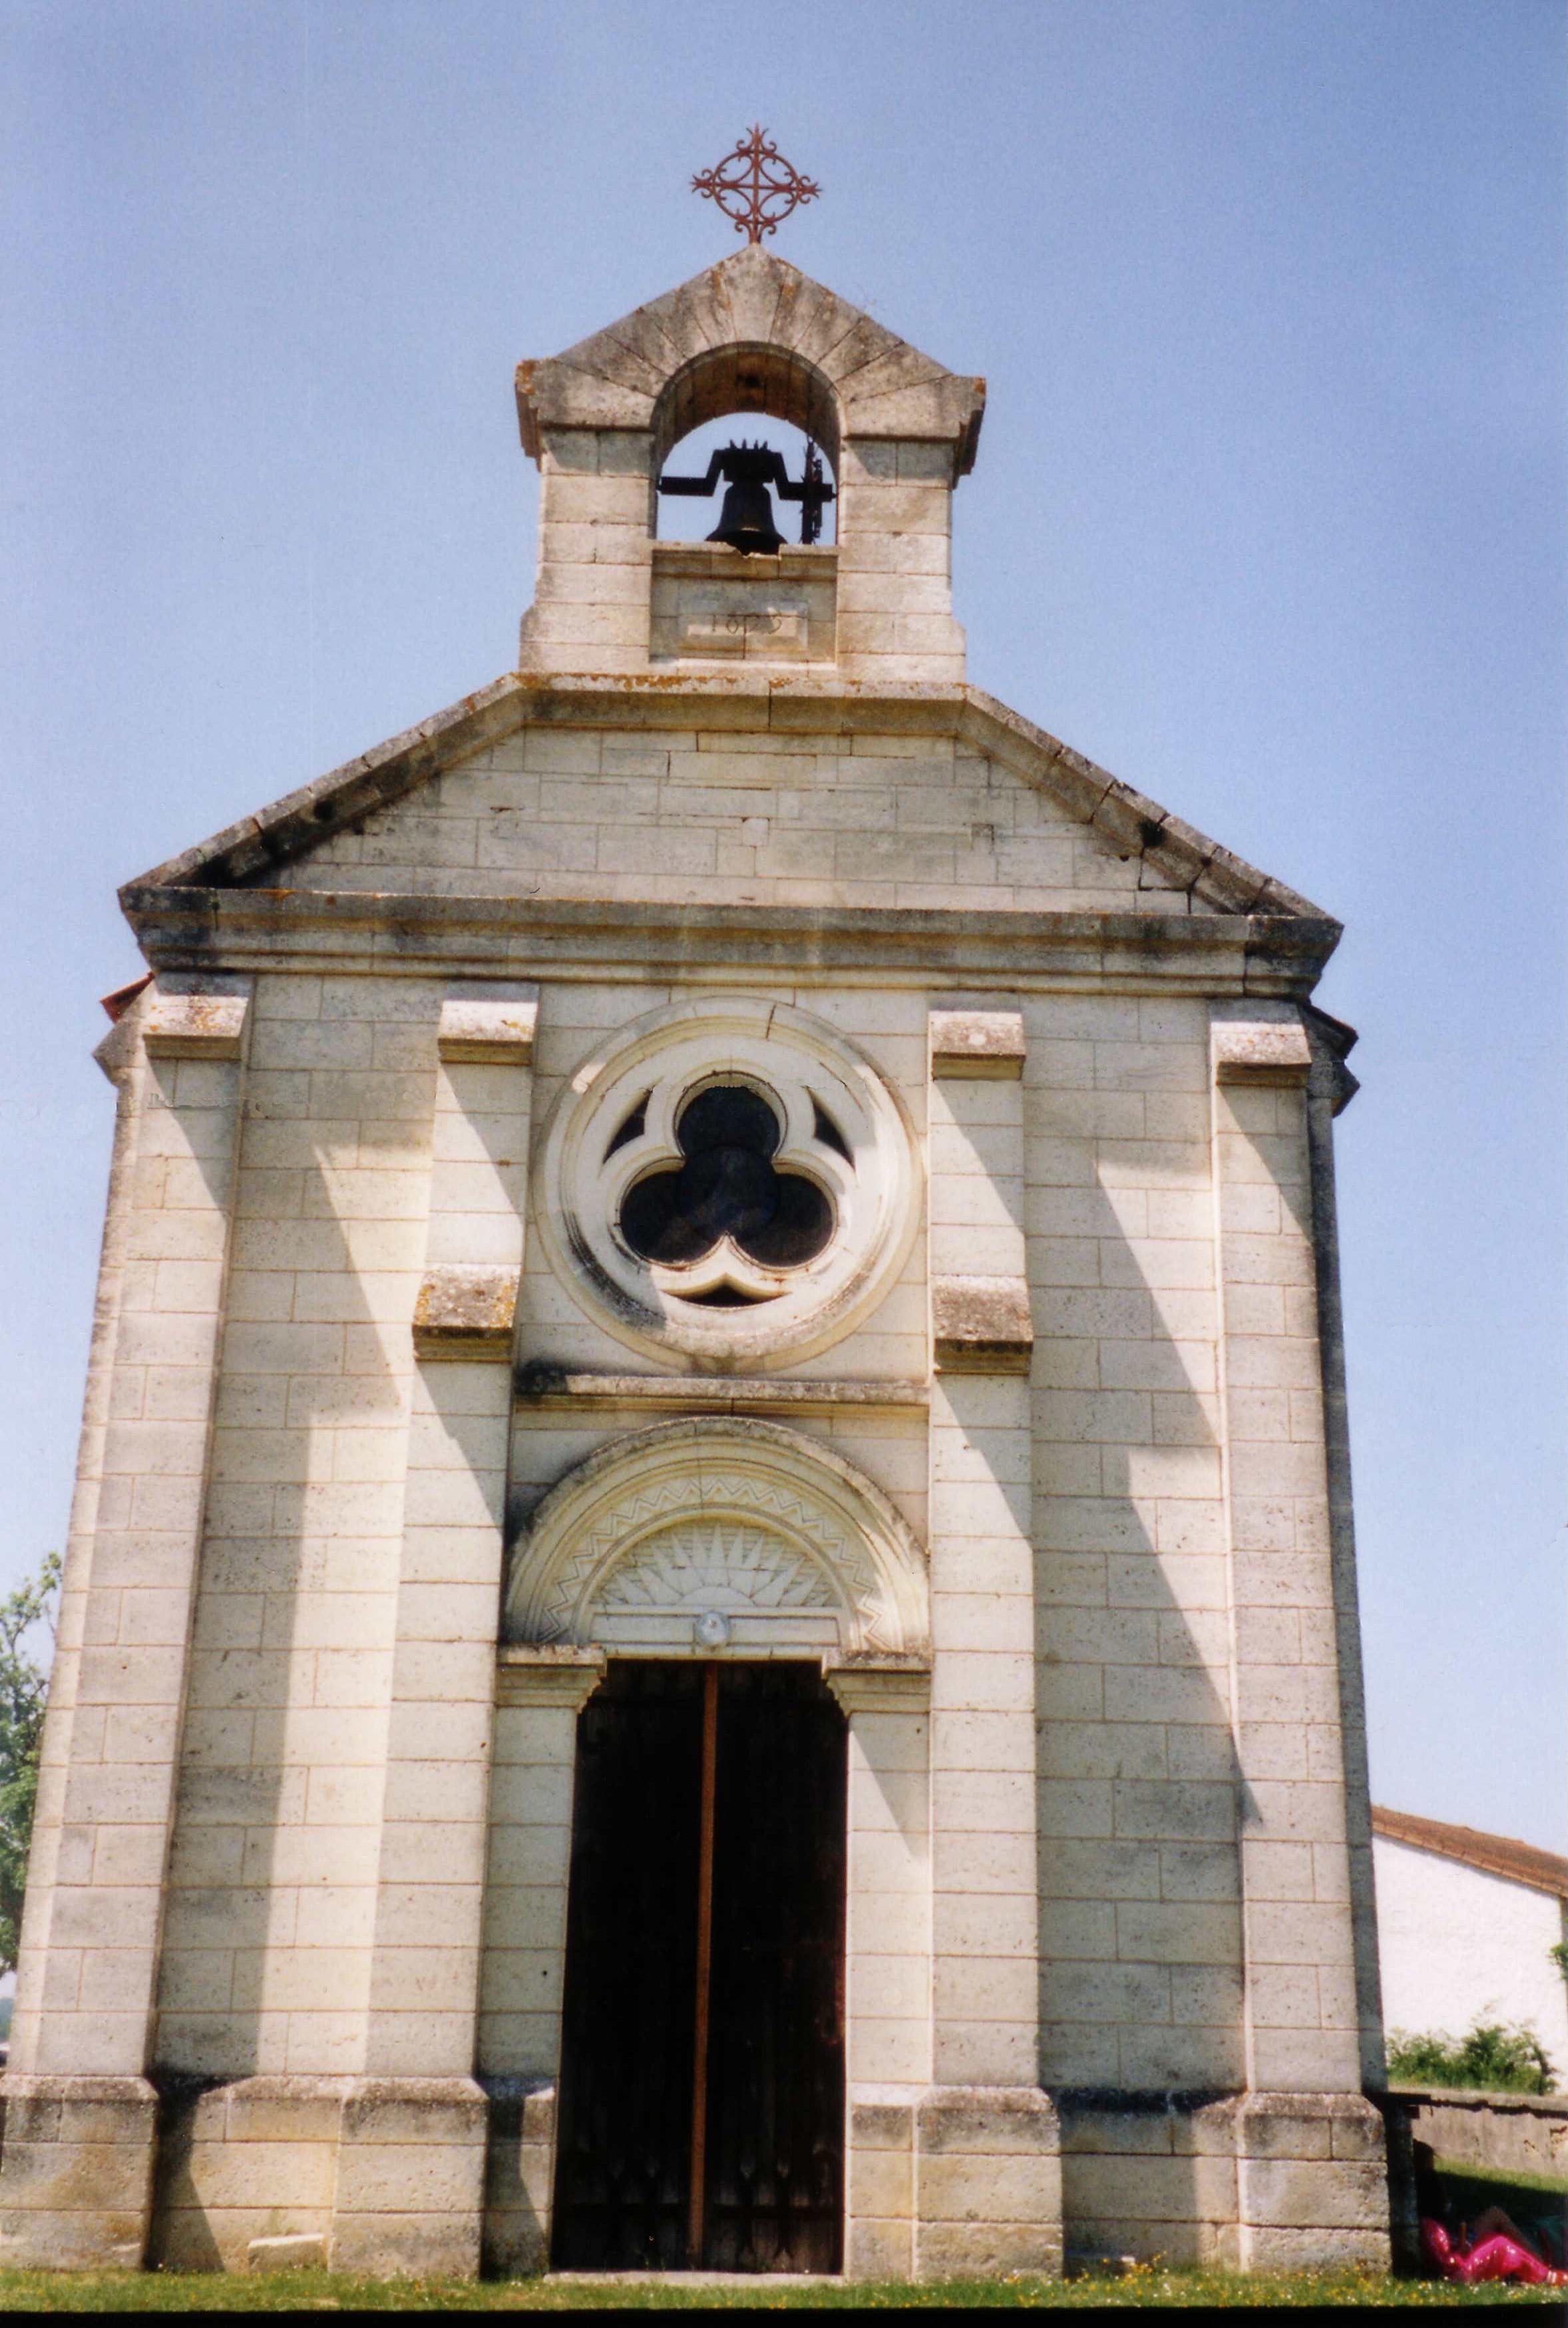 Rudeau-Ladosse